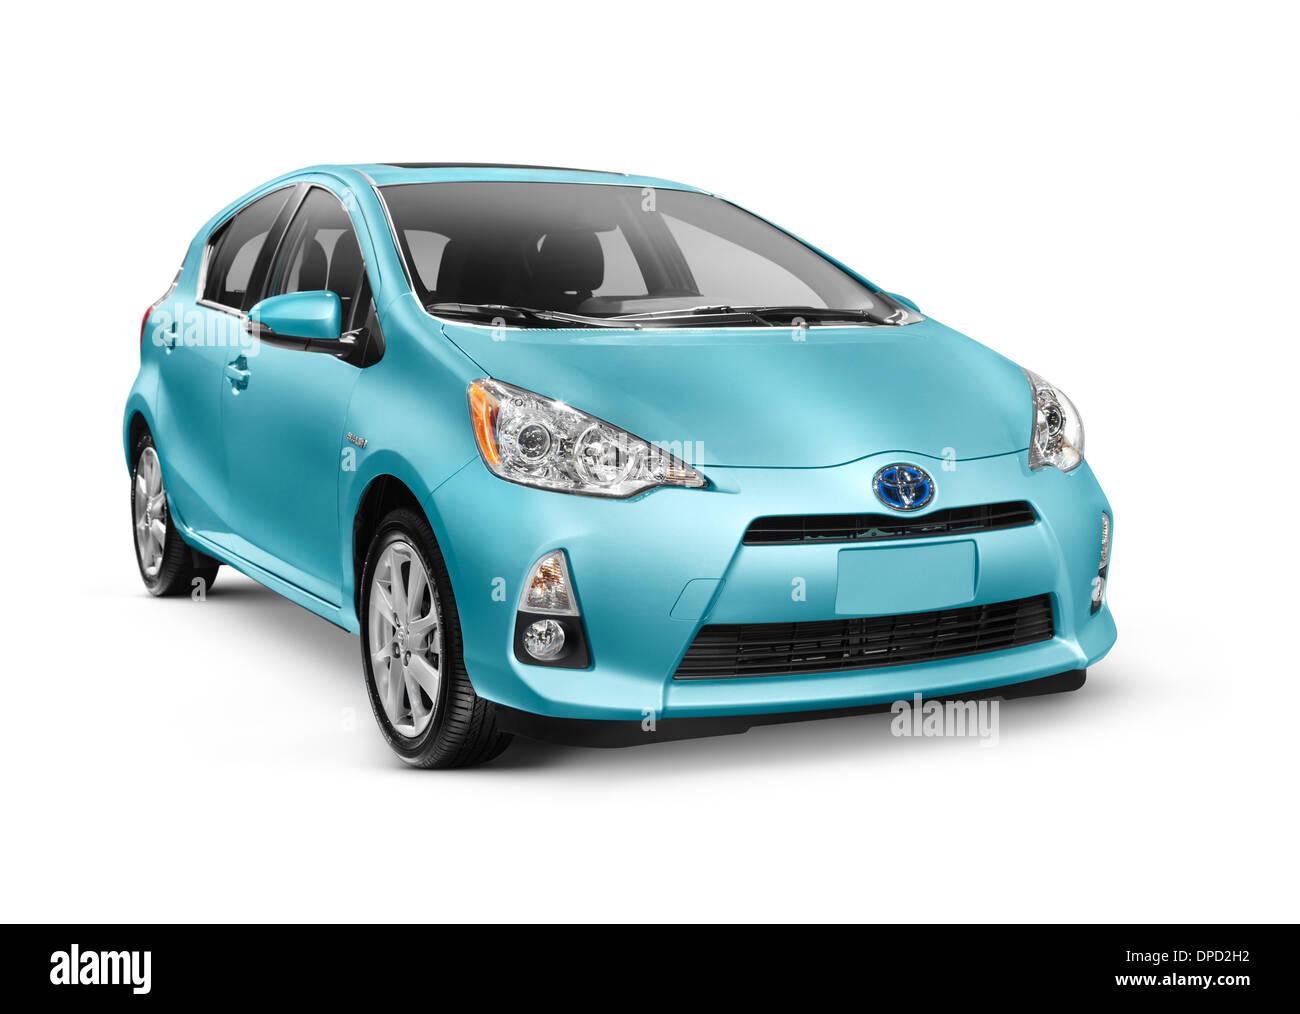 Blue 2013 Toyota Prius C di medie dimensioni per auto ibride isolato su sfondo bianco con tracciato di ritaglio Immagini Stock